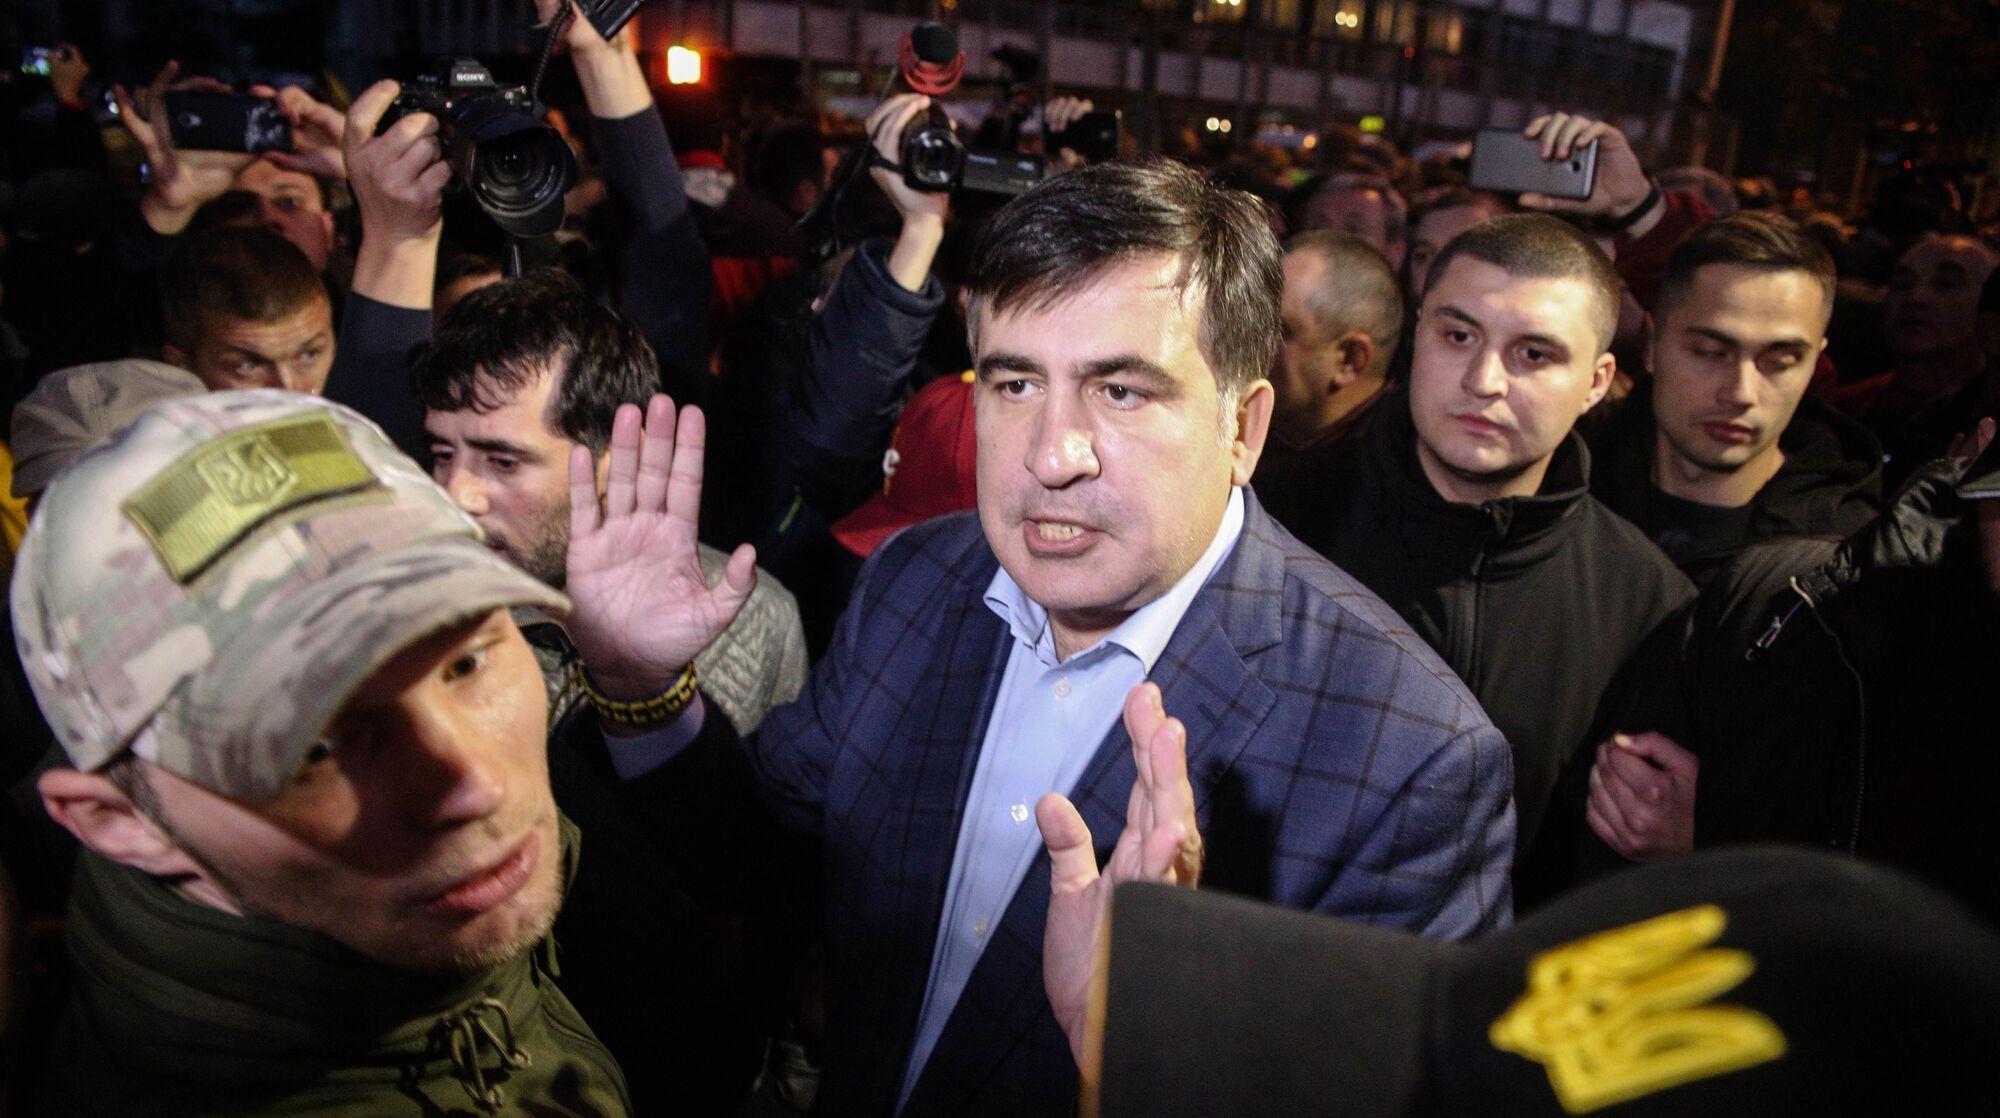 Политическое движение Михаила Саакашвили блокировало протестами улицу Грушевского несколько месяцев